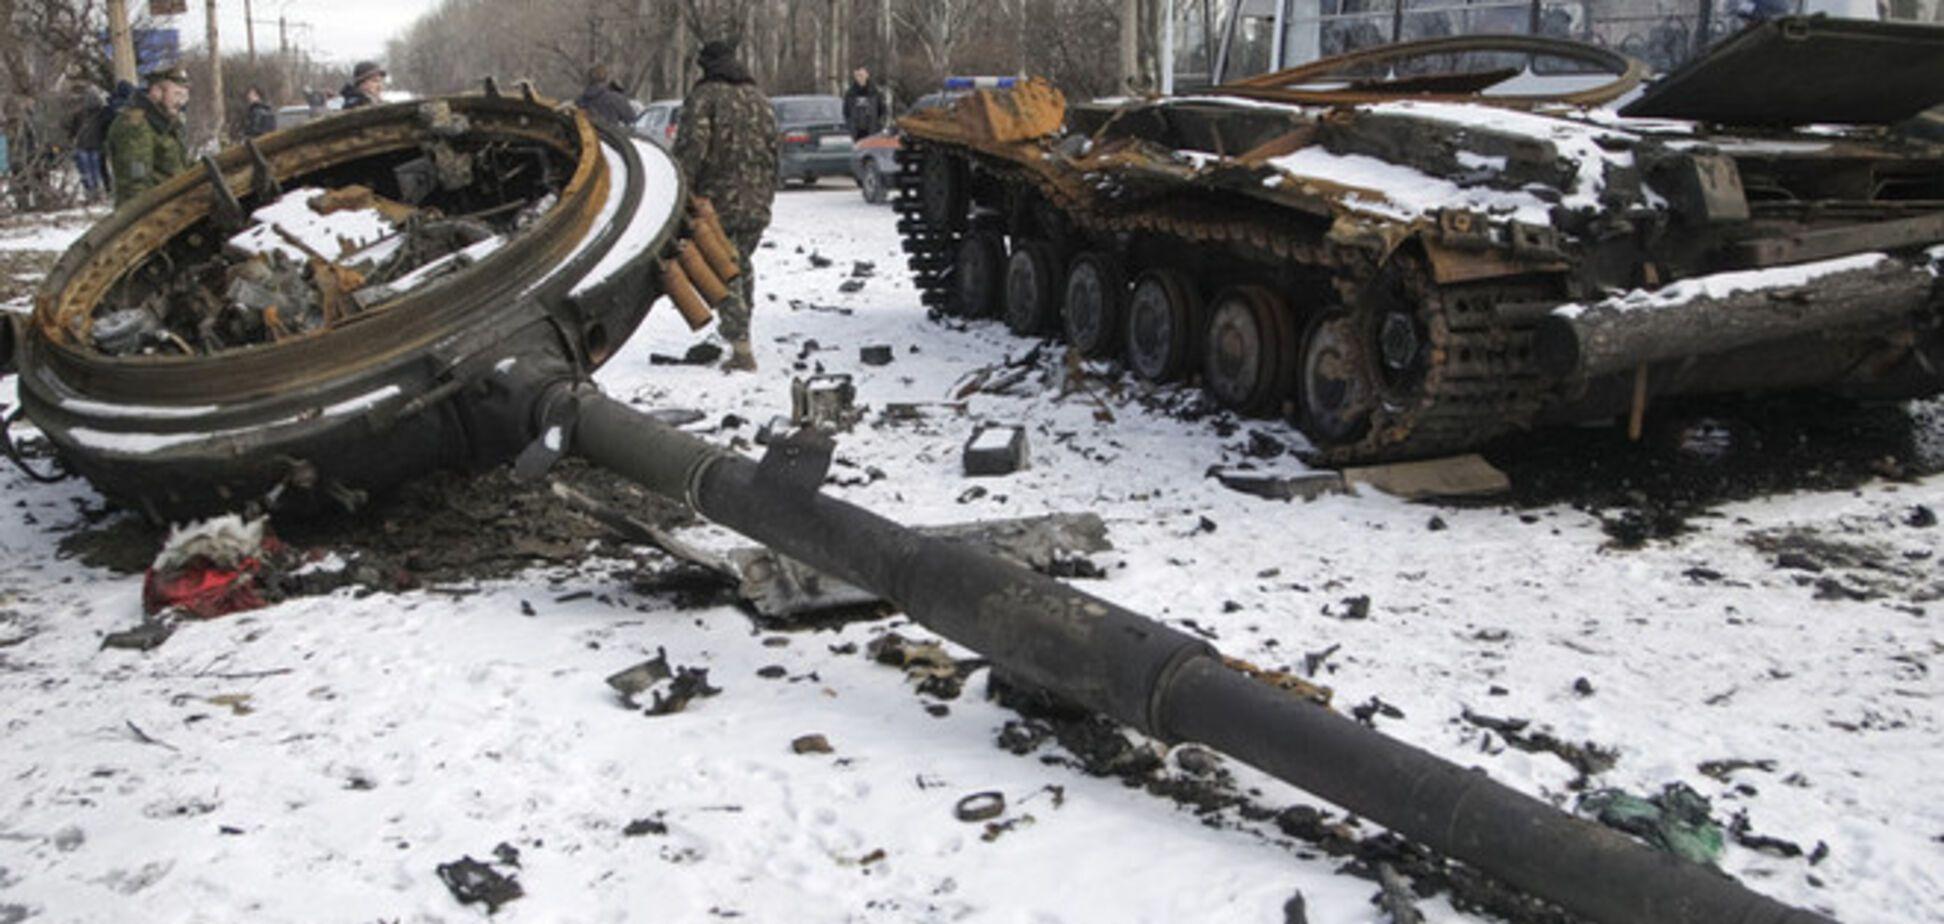 Тымчук рассказал, как боевики препятствовали выходу бойцов АТО из Дебальцево